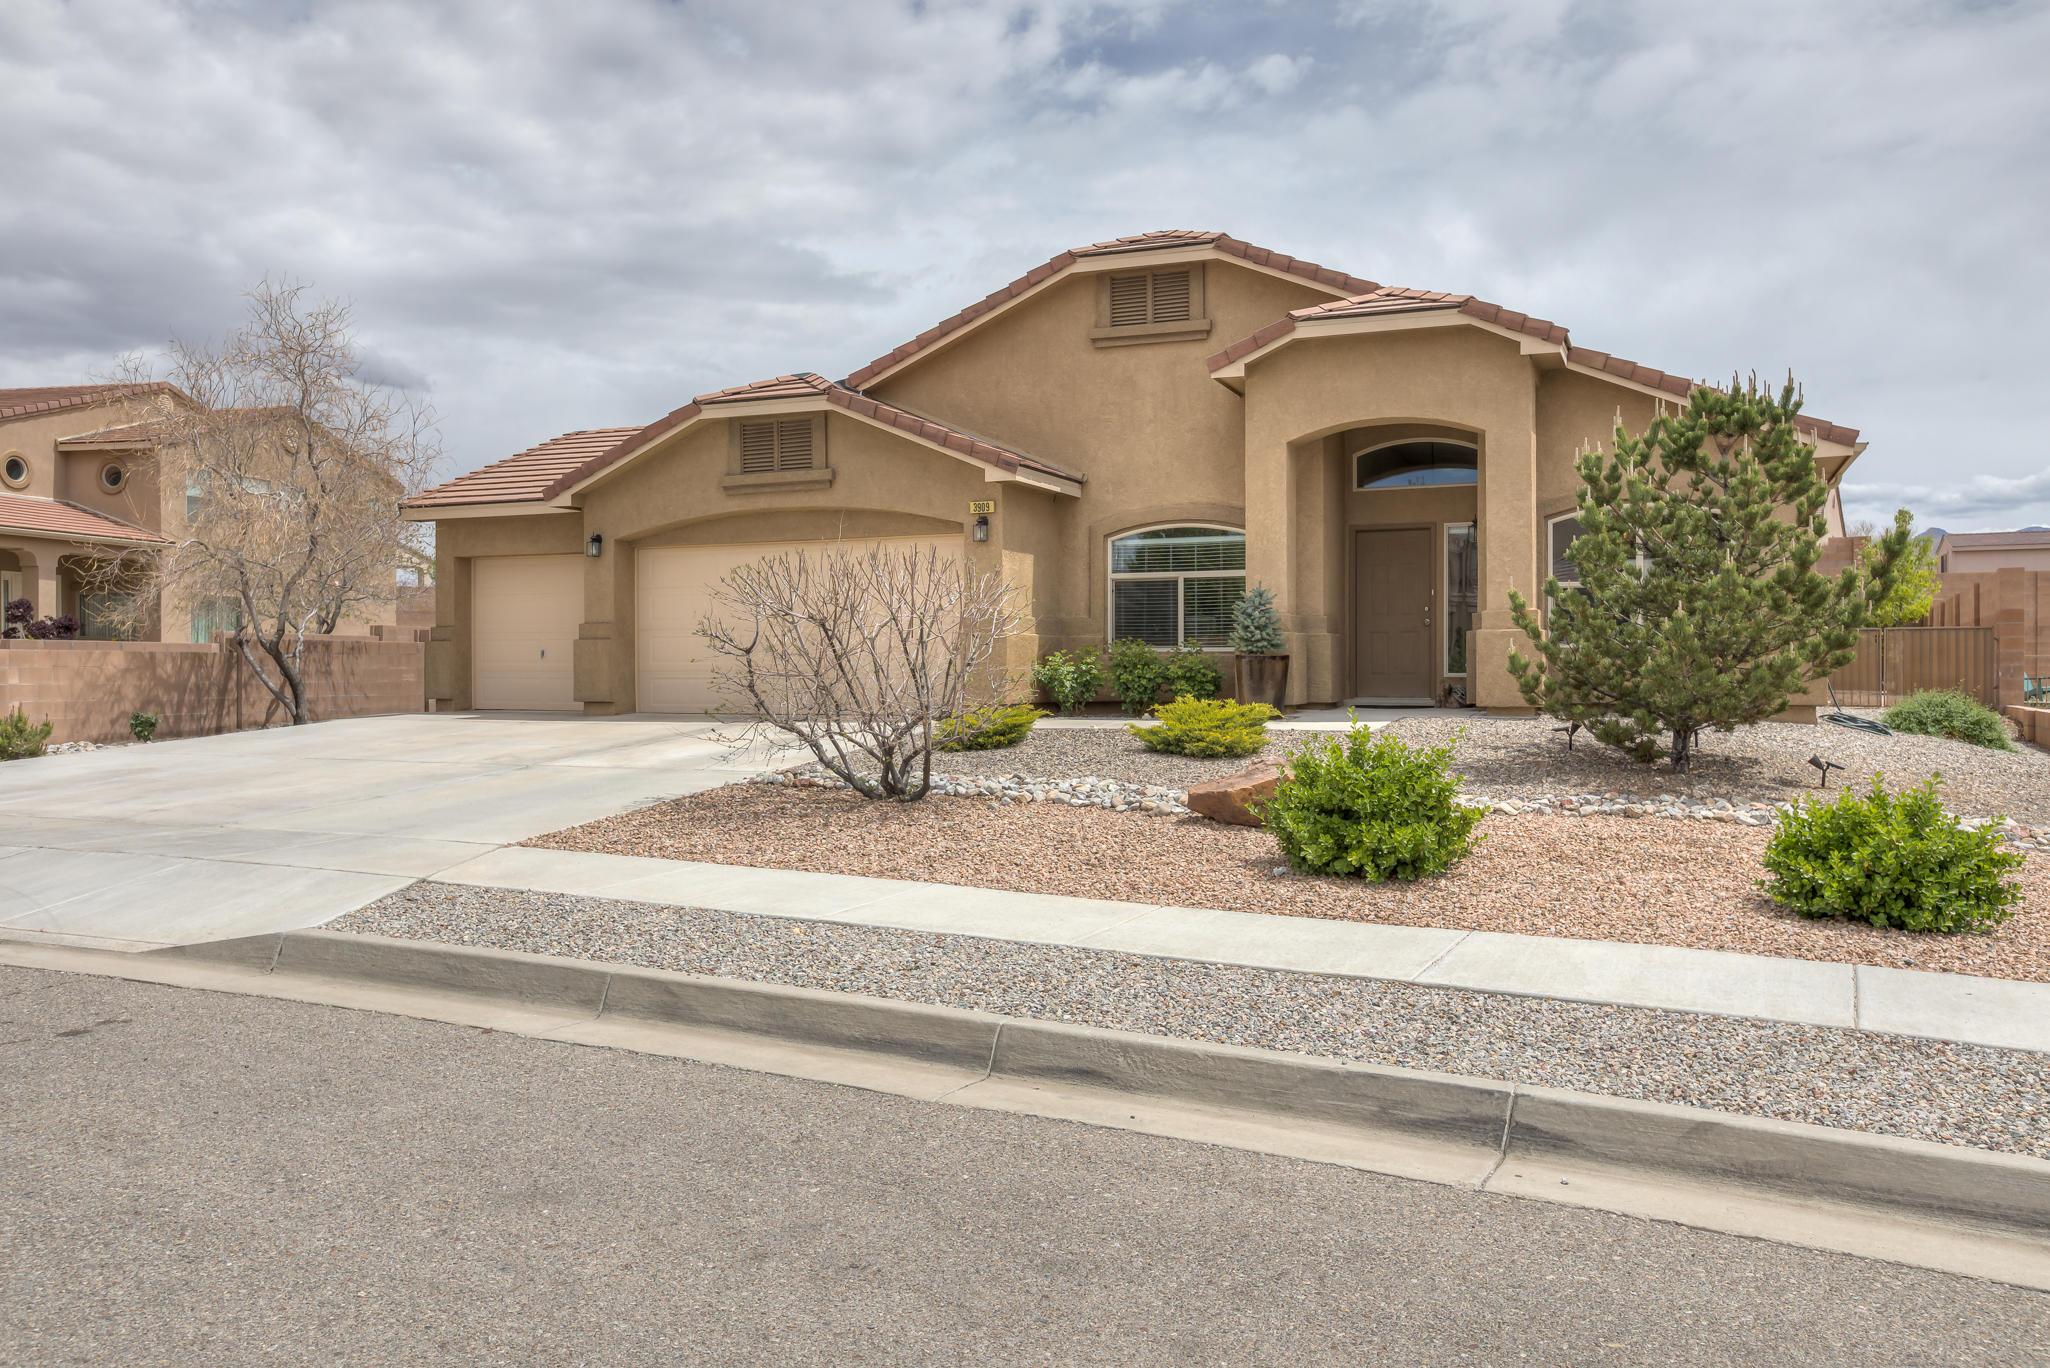 3909 NE Cholla Drive, Rio Rancho in Sandoval County, NM 87144 Home for Sale